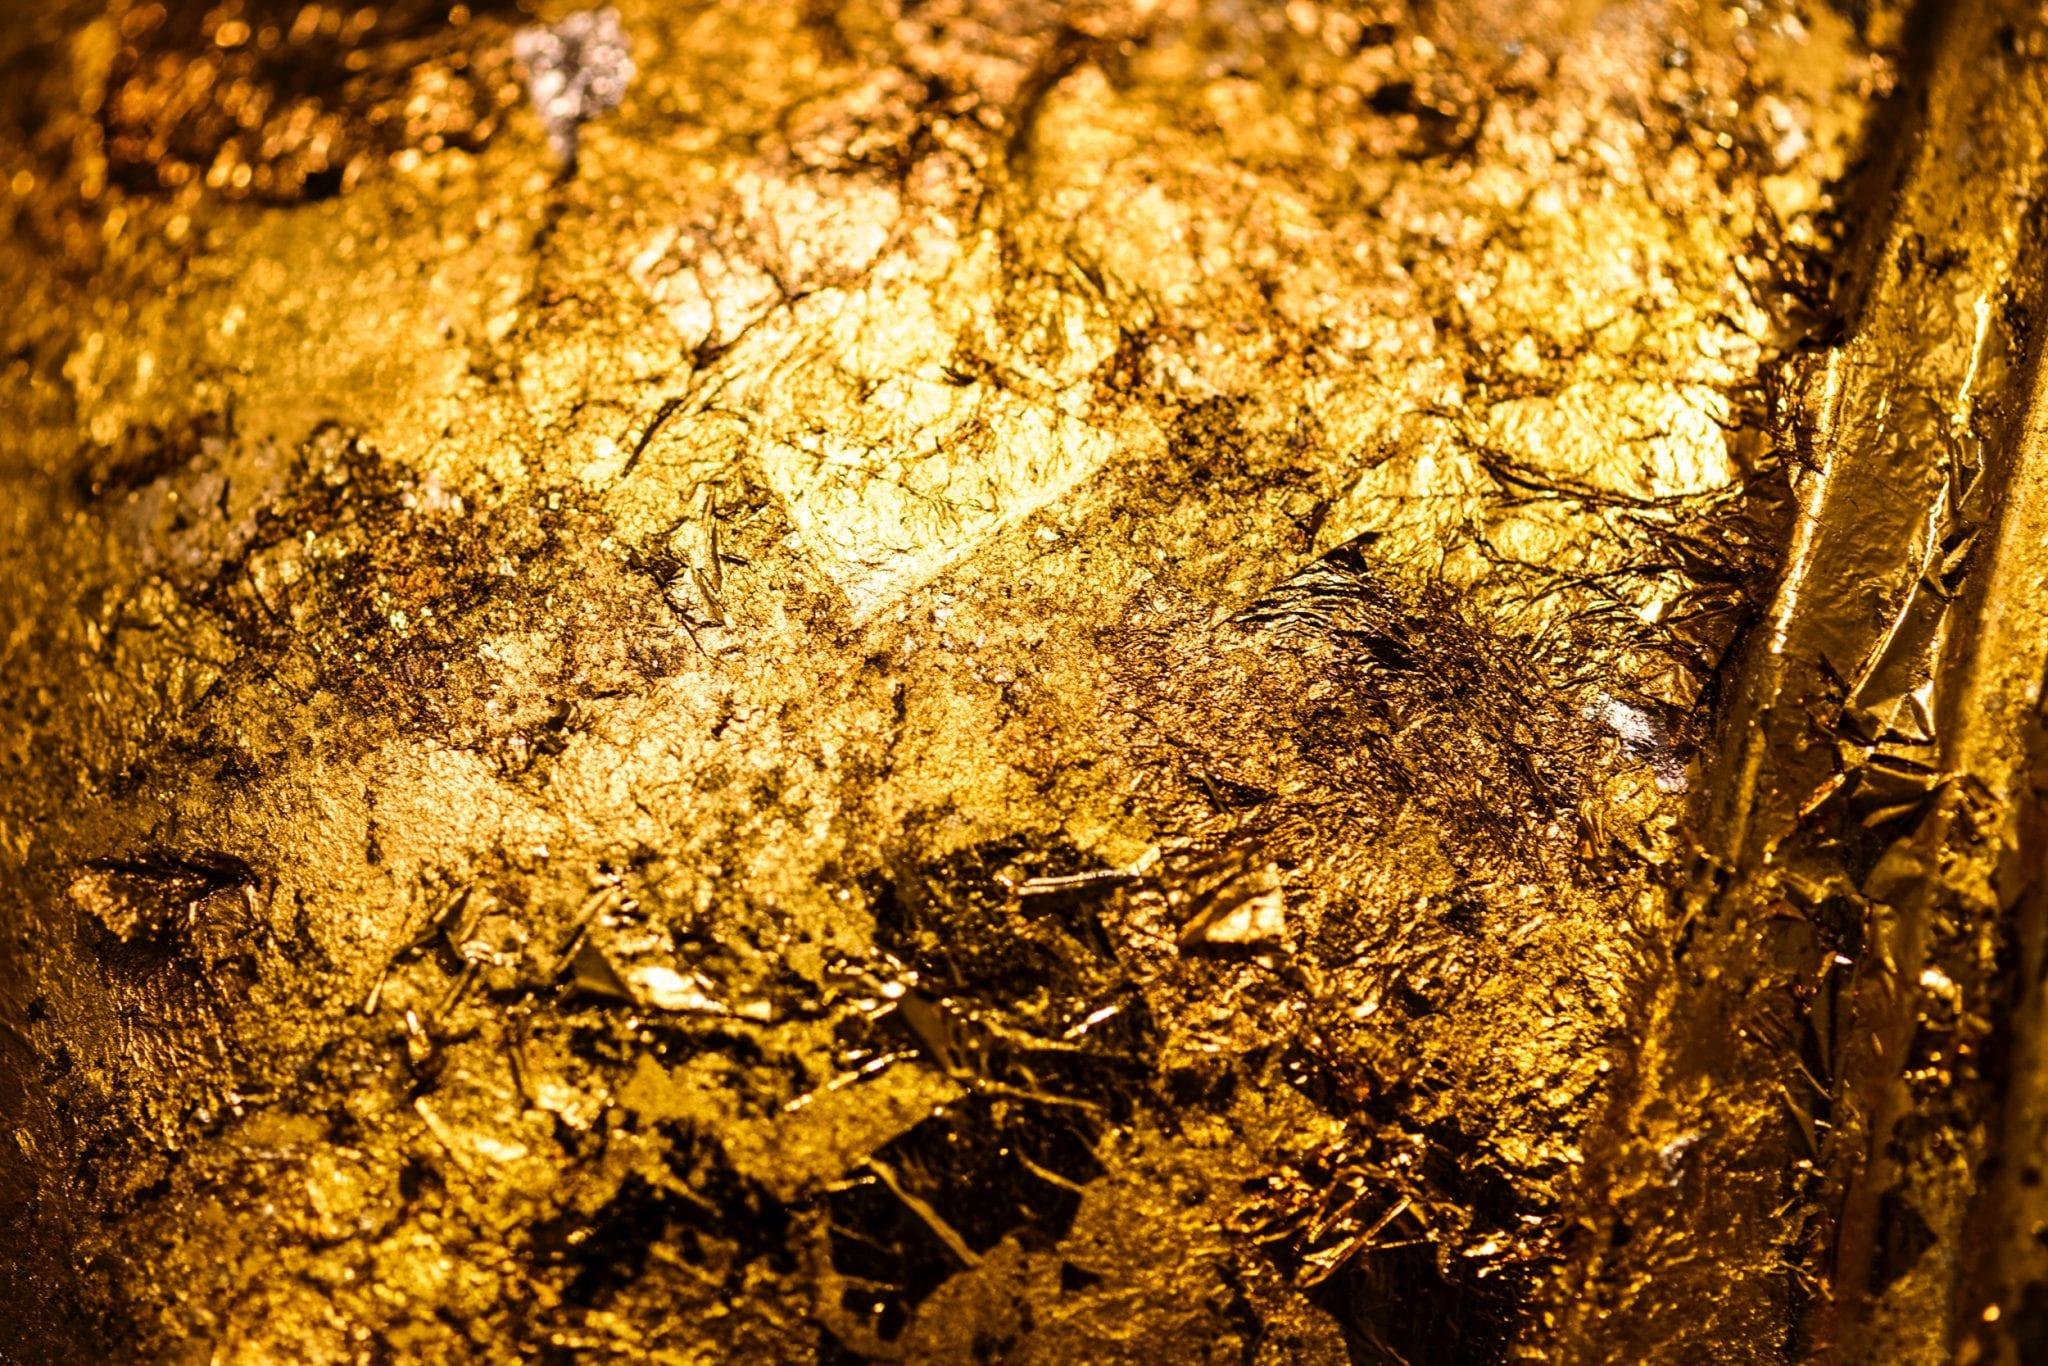 Gold for gold wedding rings - Julian Stephens